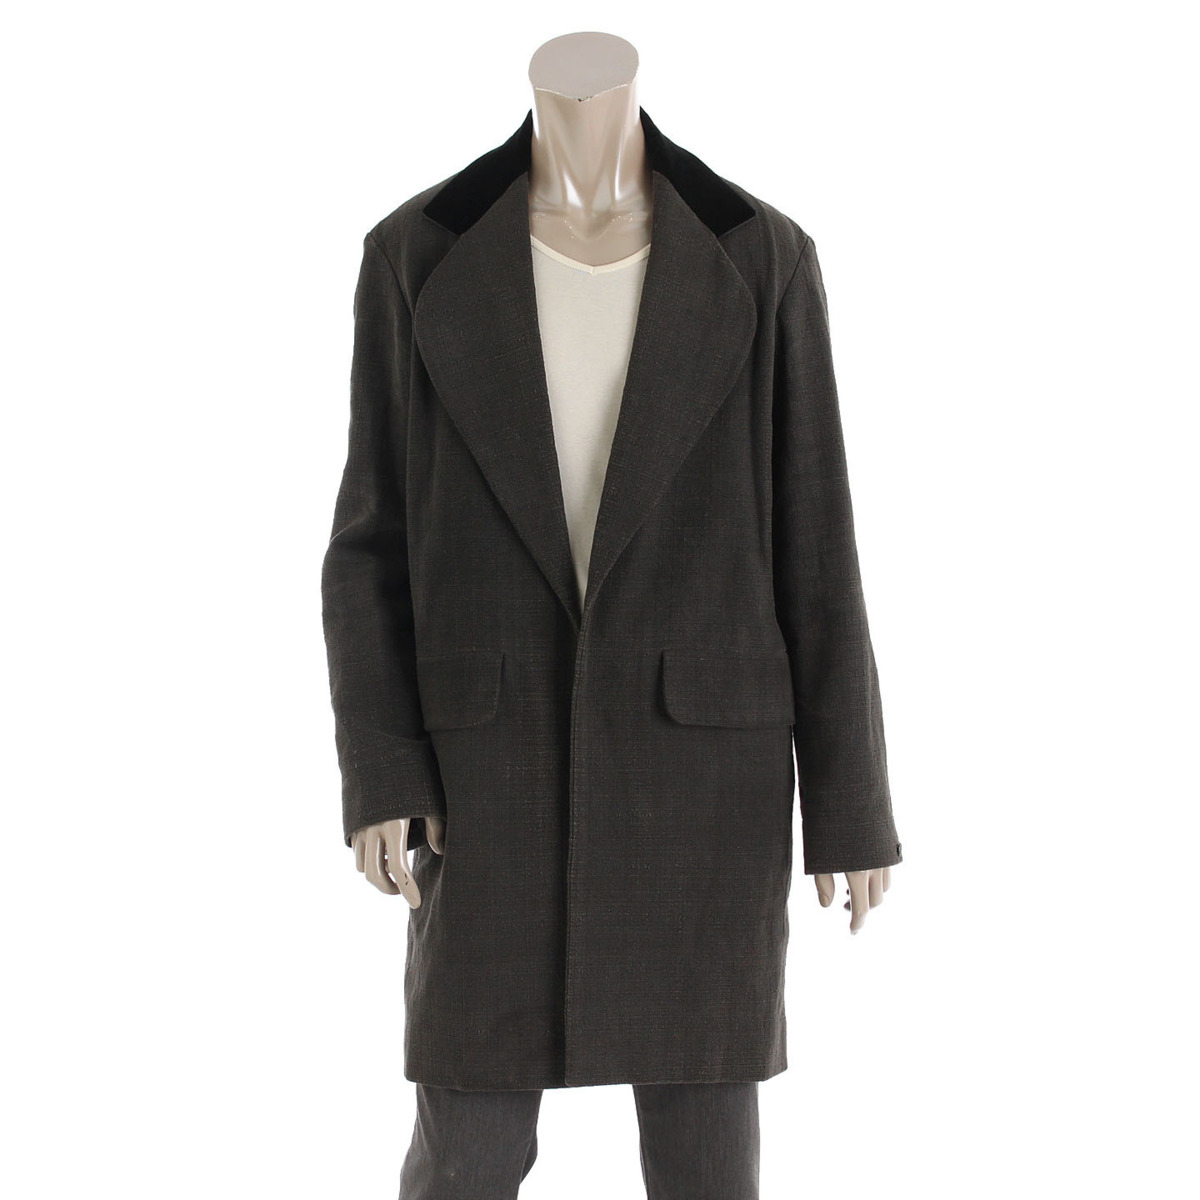 【シャネル】Chanel メンズ コットン ベロア ロングコート ジャケット グレー 46 【中古】【鑑定済・正規品保証】【送料無料】34982